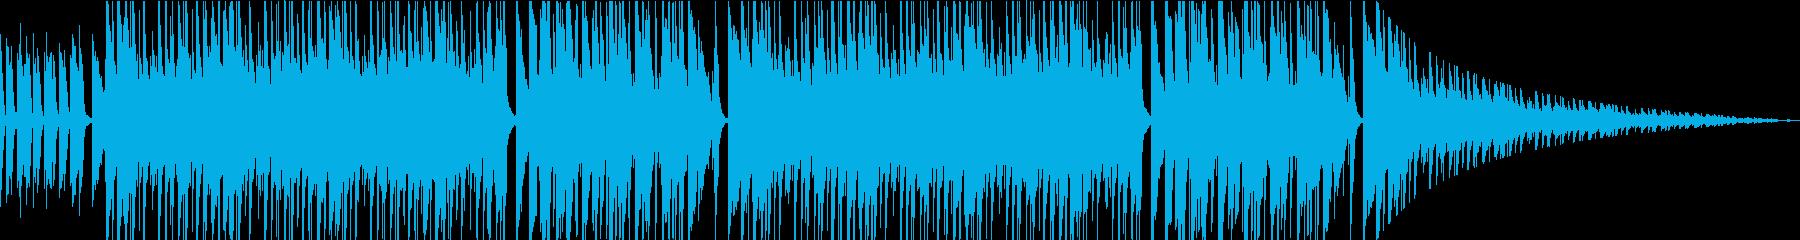 日常・ほのぼの・木琴・生活・かわいいの再生済みの波形